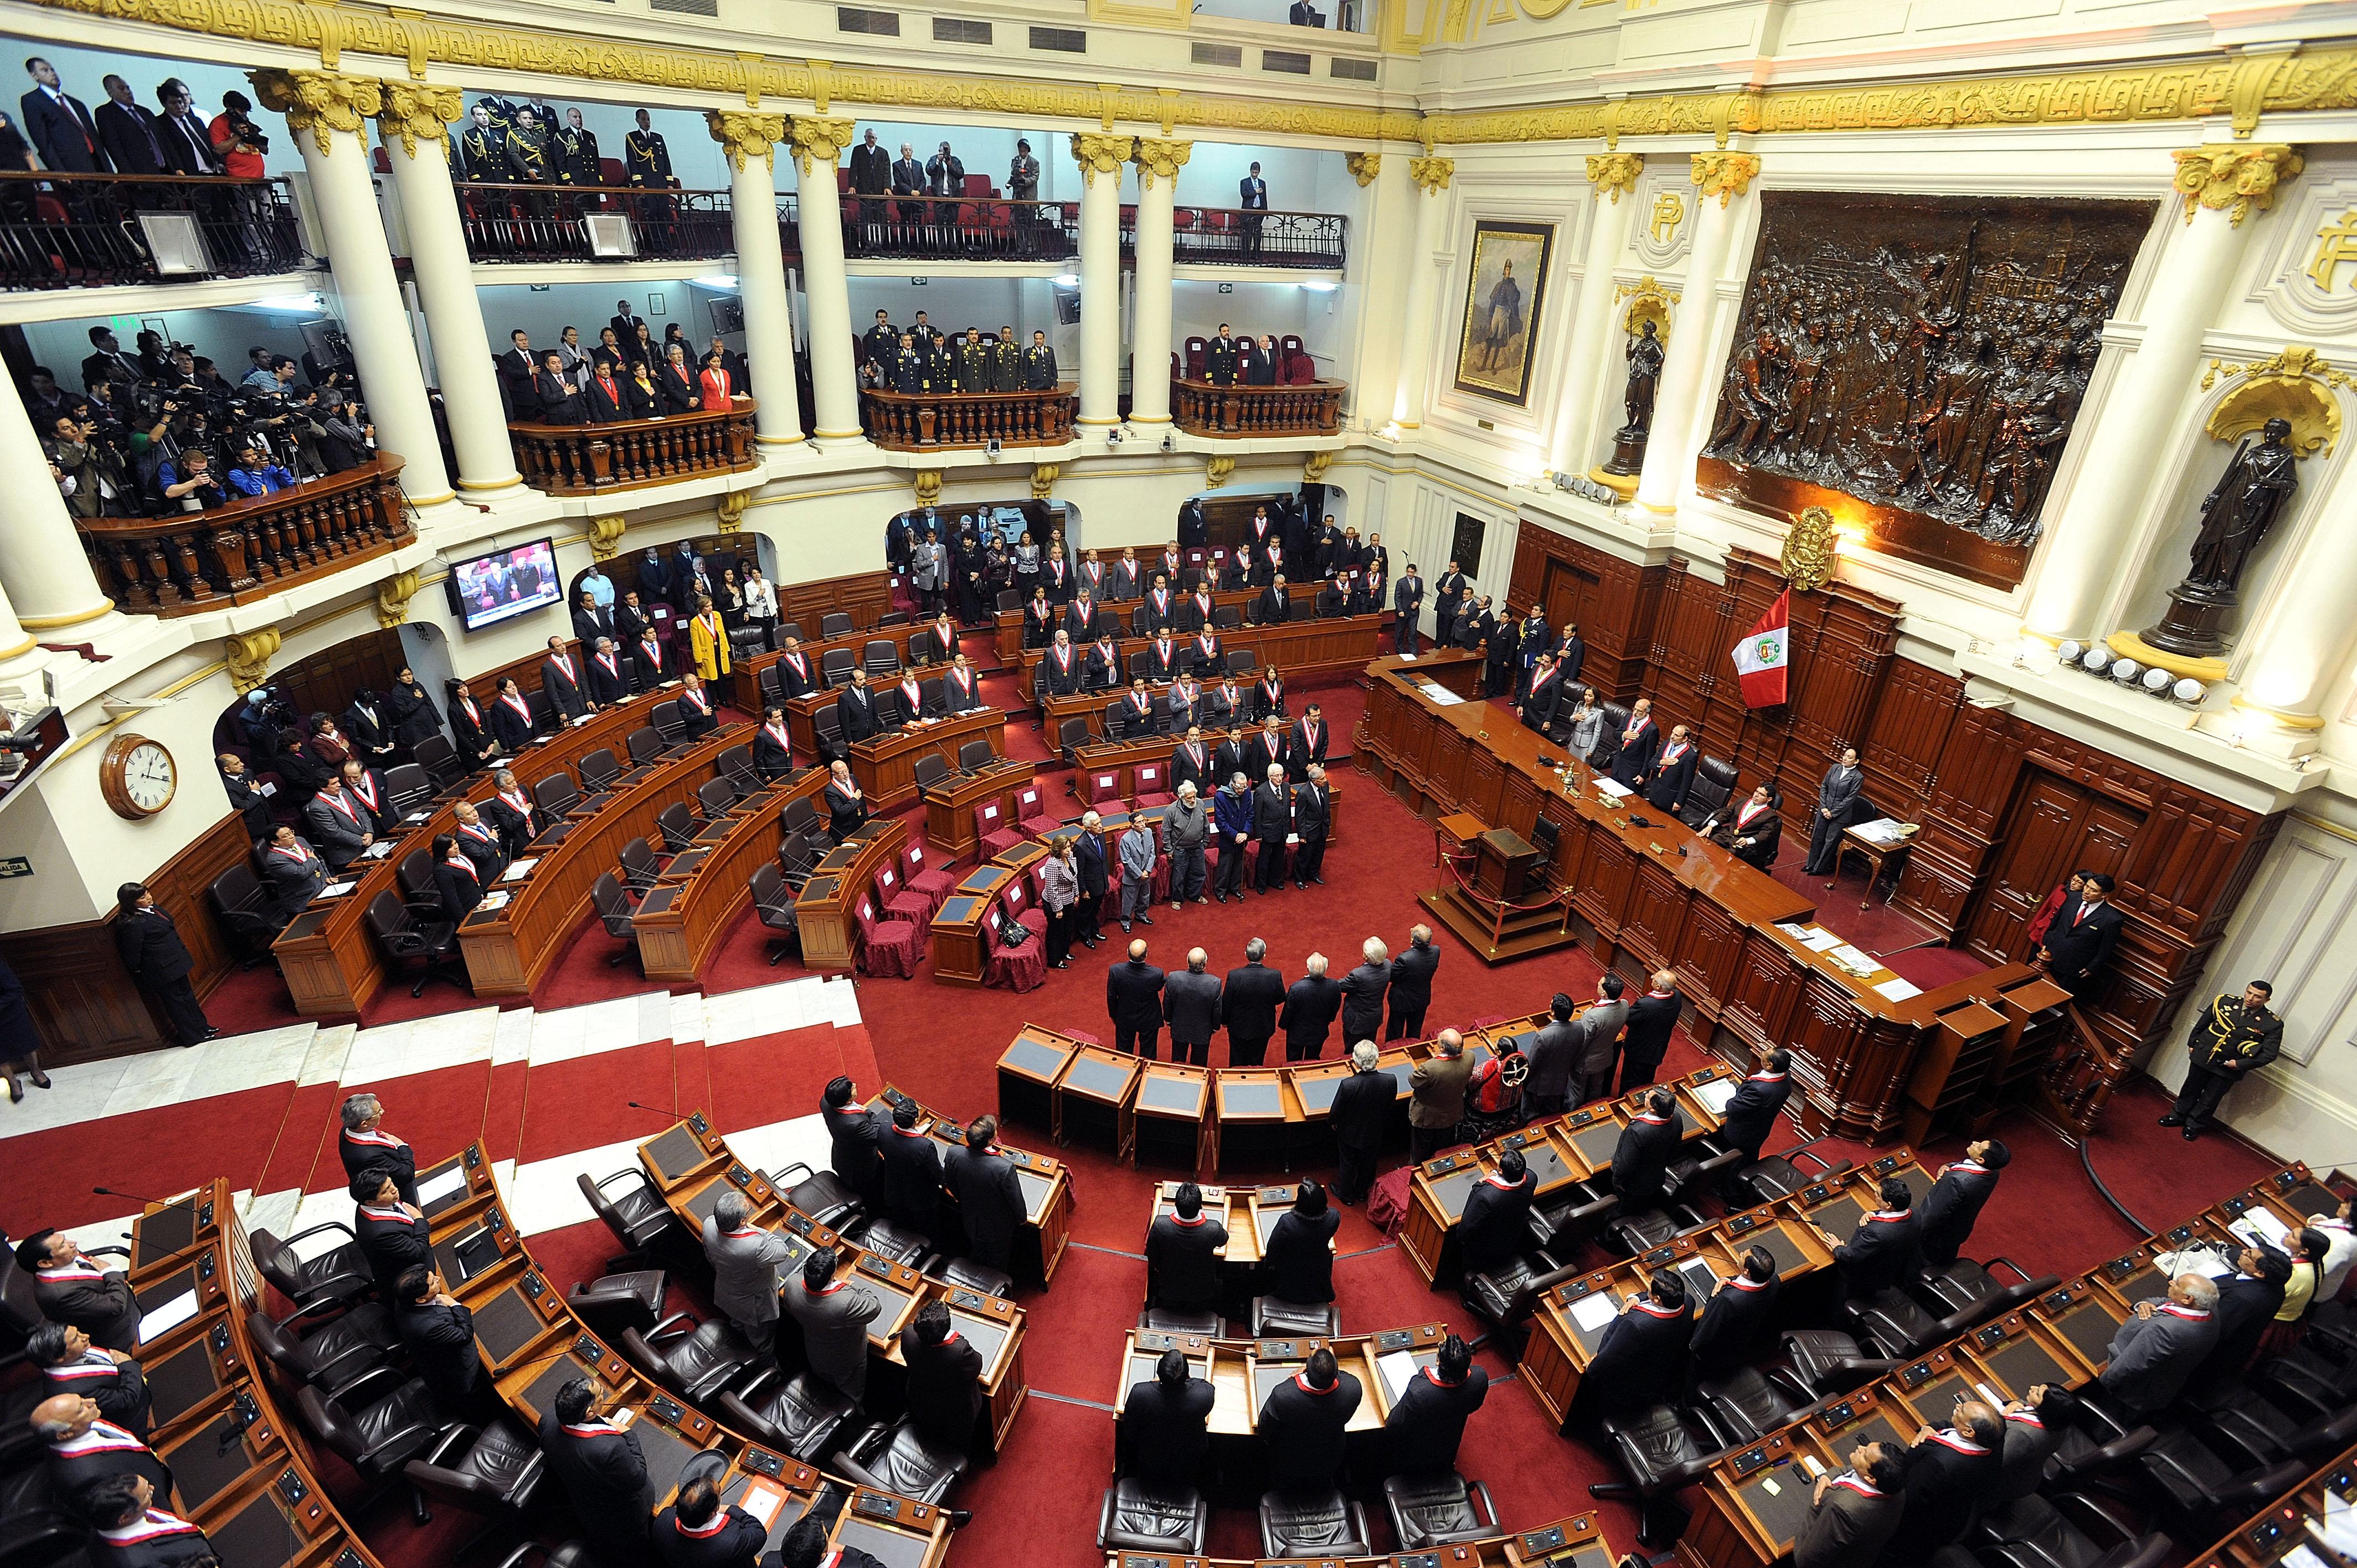 Periodo parlamentario 2016-2021 del Congreso de la República del Perú - Wikipedia, la enciclopedia libre